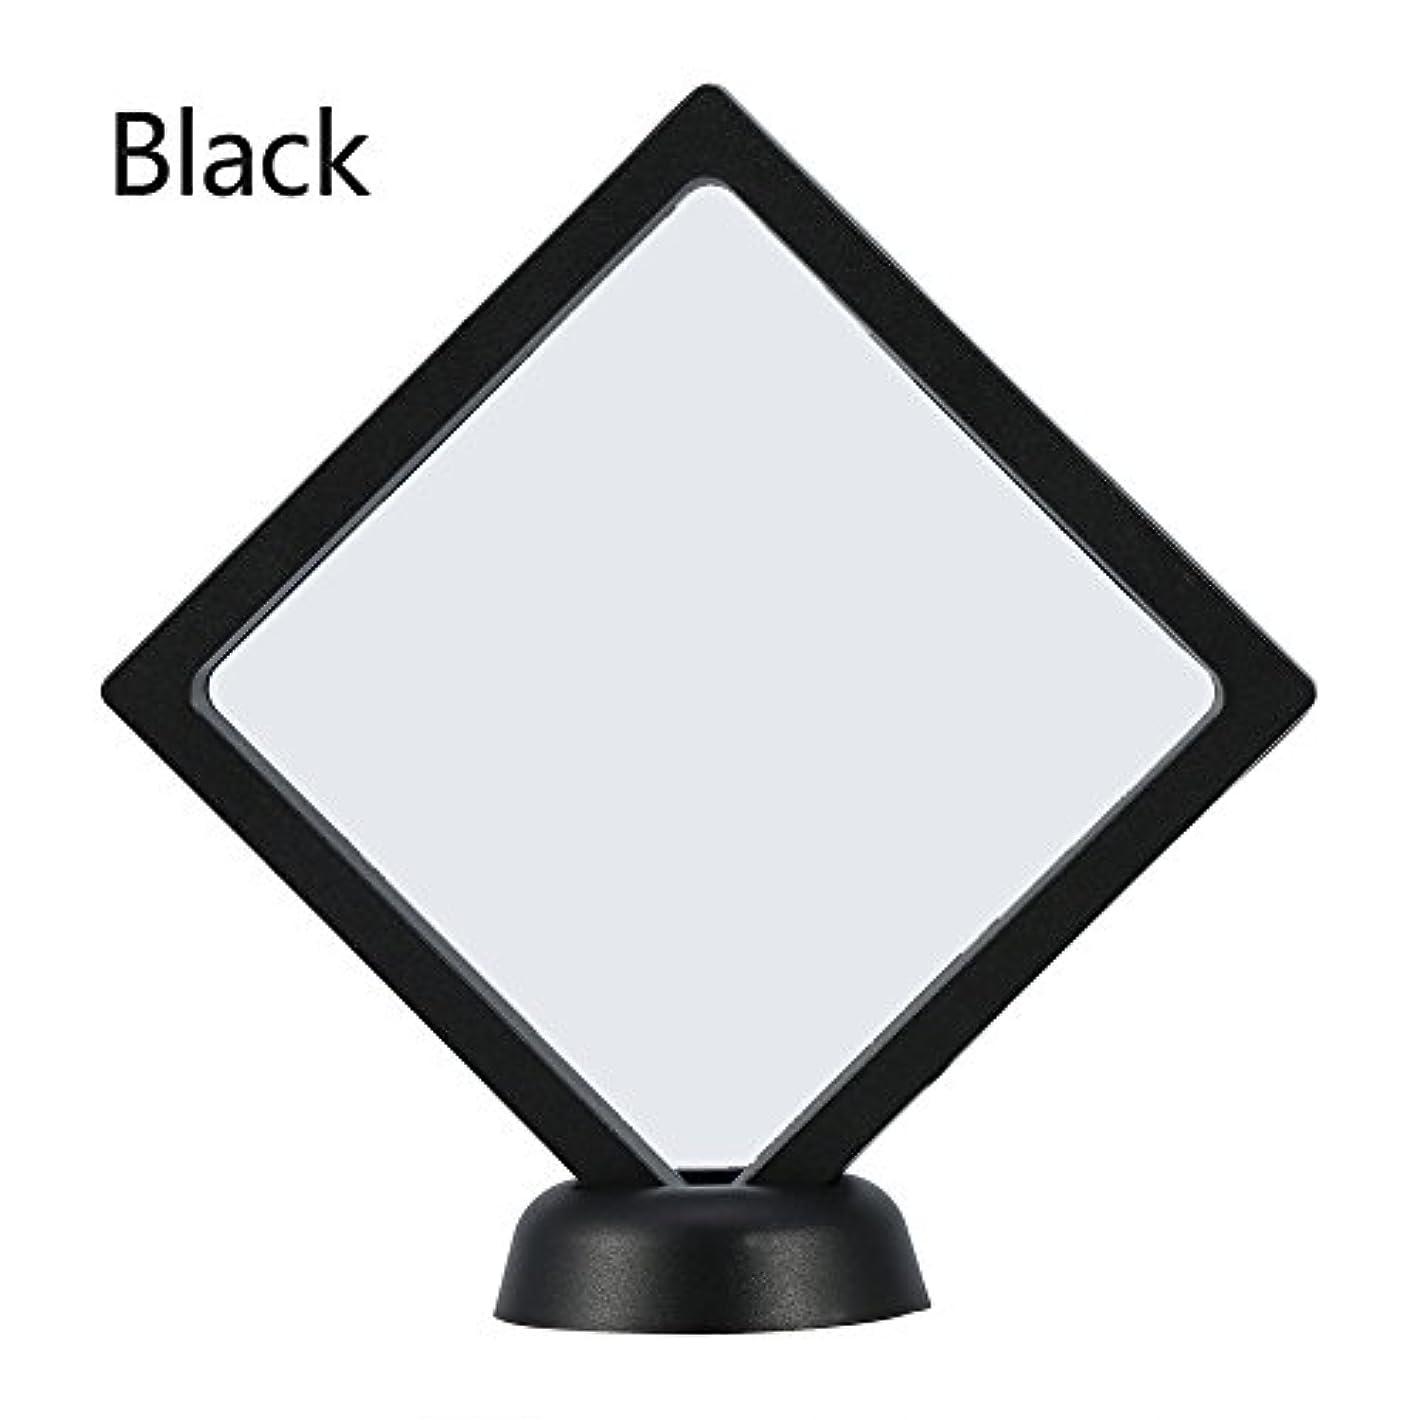 維持する代わりにボットアクリルネイルプレートとPETフィルムディスプレイスクリーン付きの2つのダイヤモンドネイルディスプレイスタンド - 4.3 4.3インチネイルホルダーツール(Black)